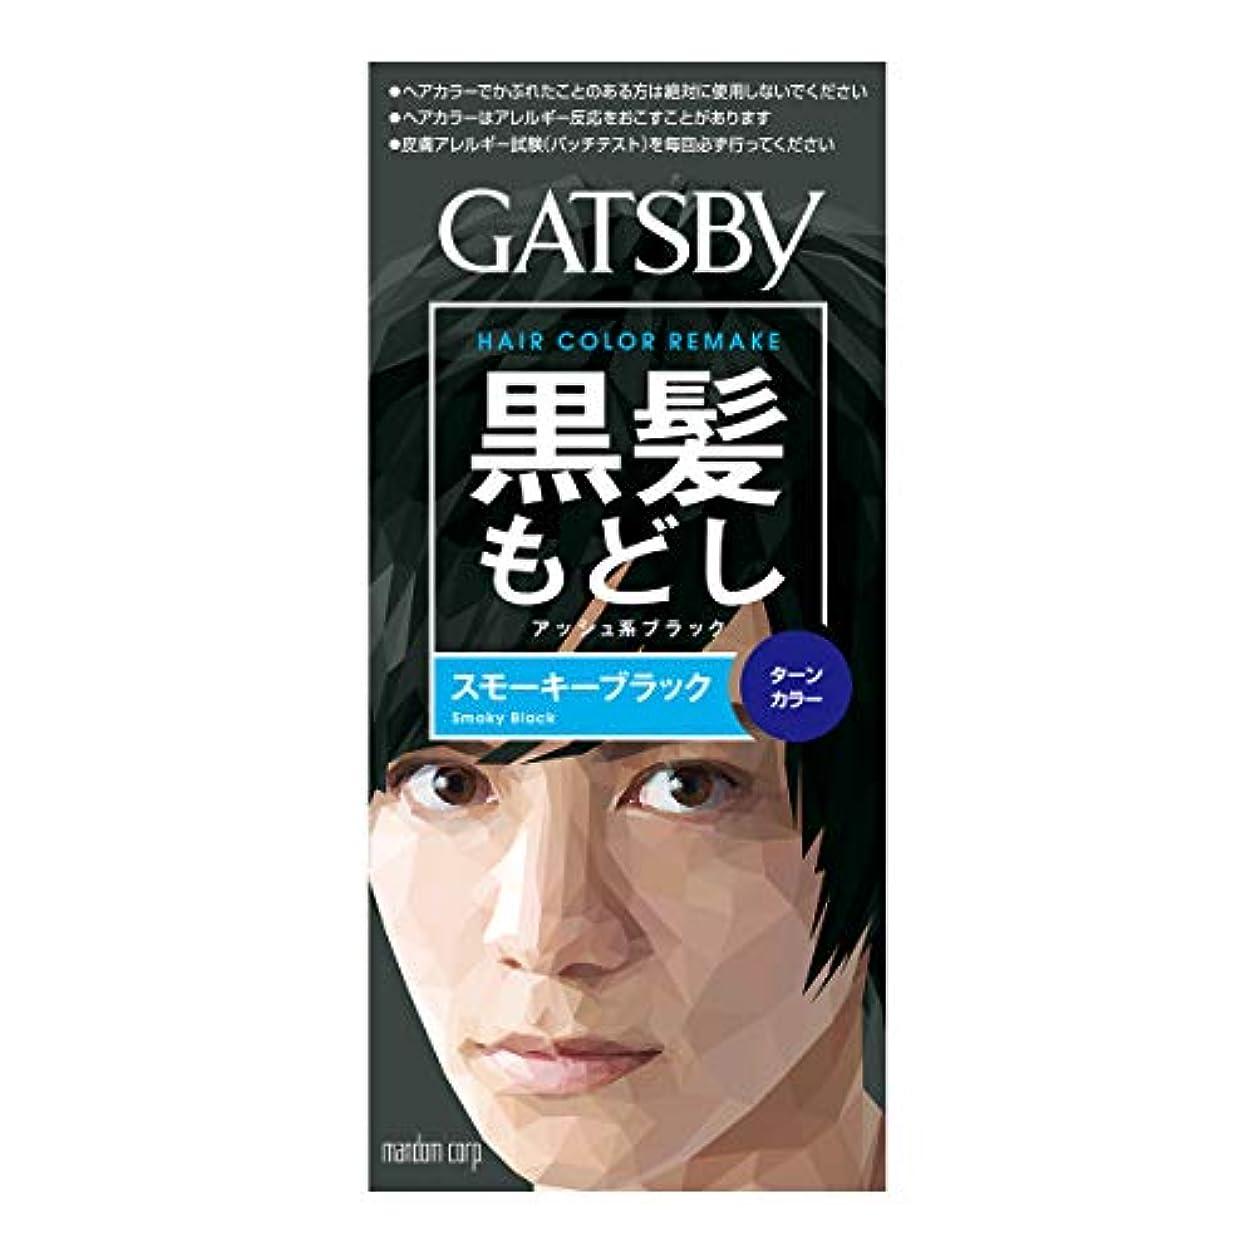 任意水平手当ギャツビー ターンカラー スモーキーブラック【HTRC5.1】